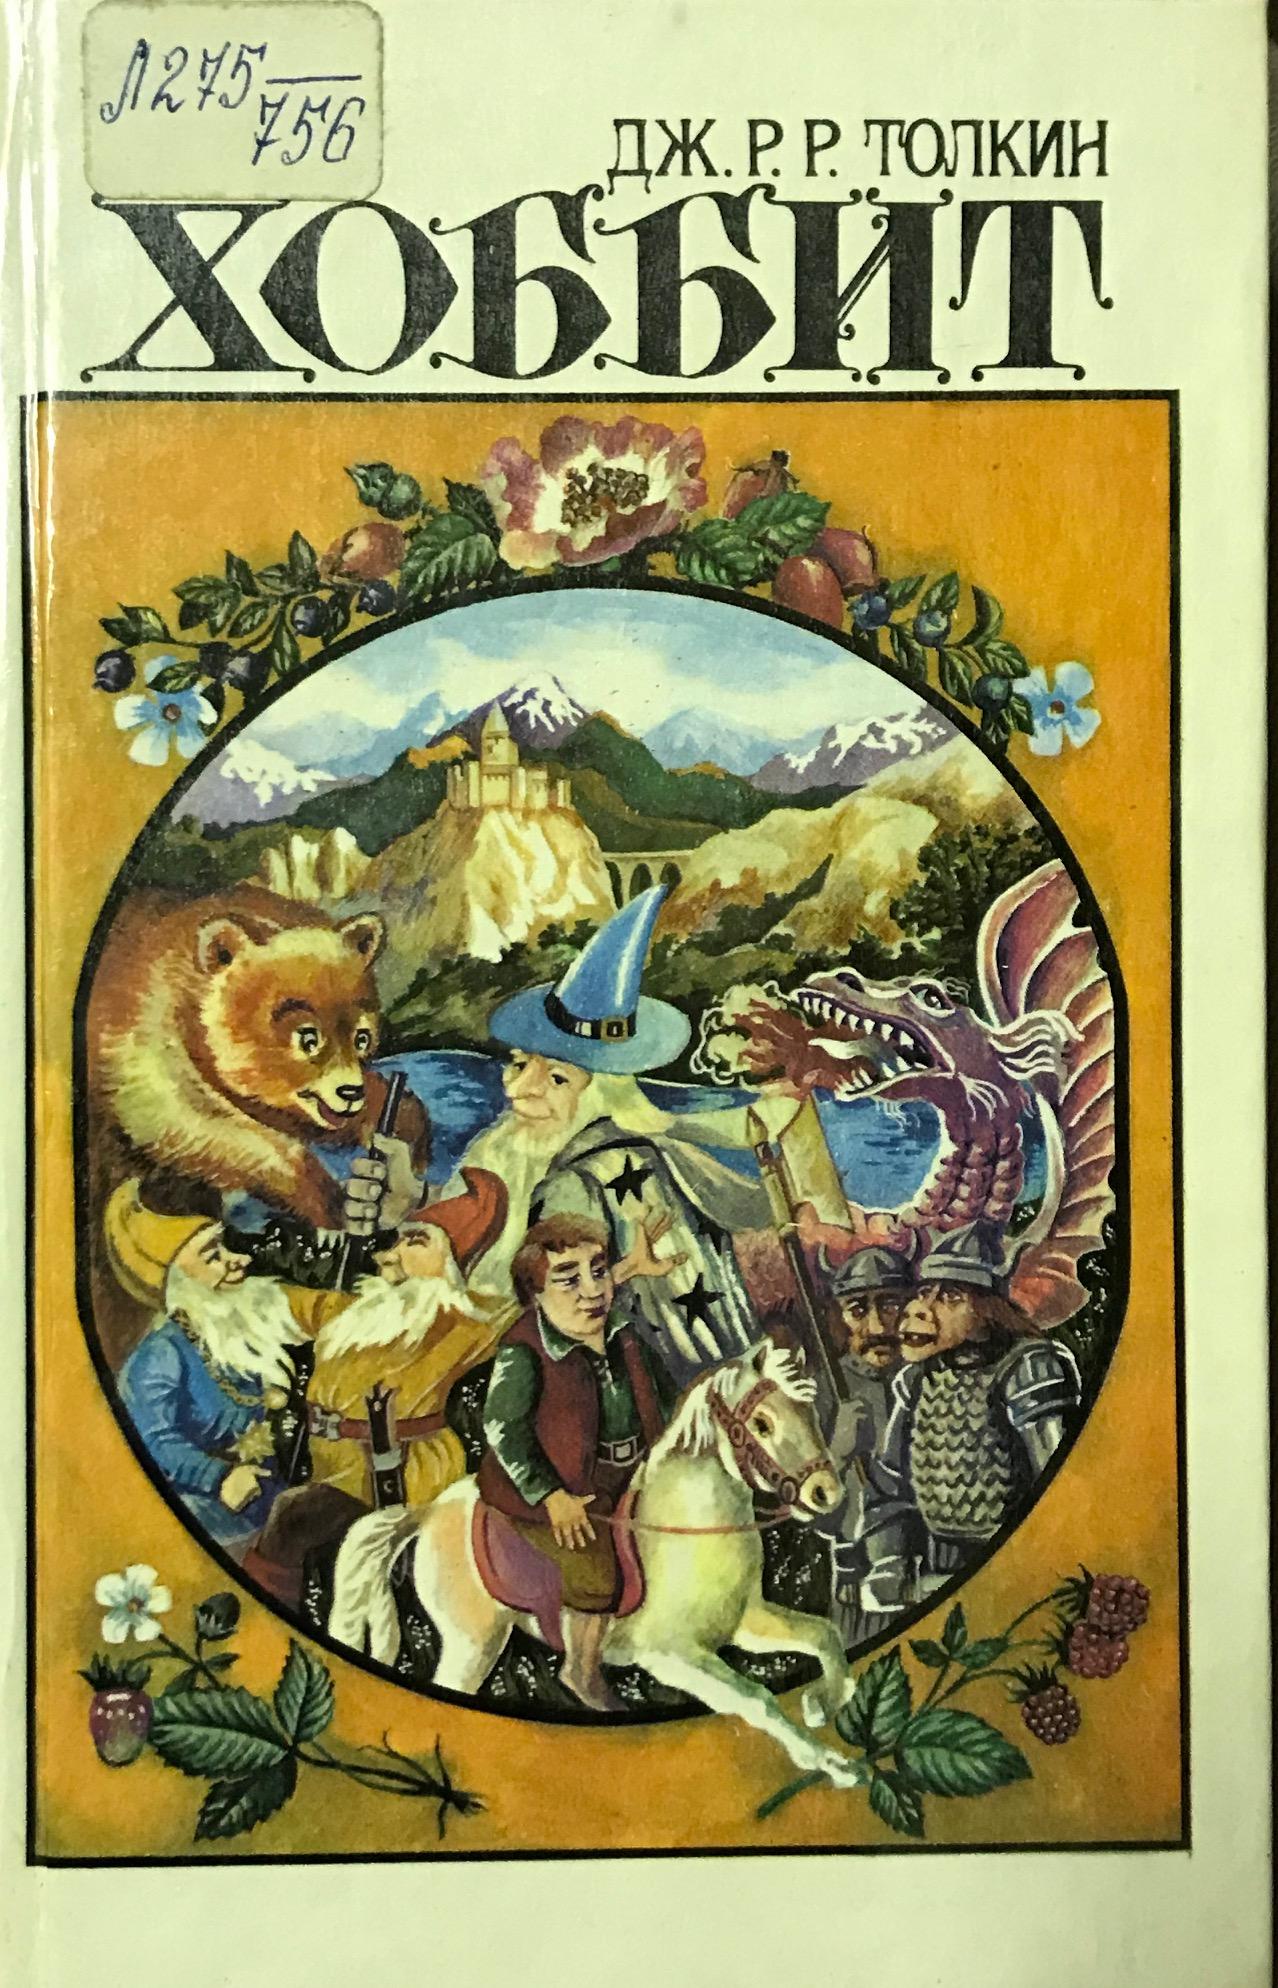 Выставка «Миры профессора Дж. Р. Р. Толкина» – события на сайте «Московские Сезоны»